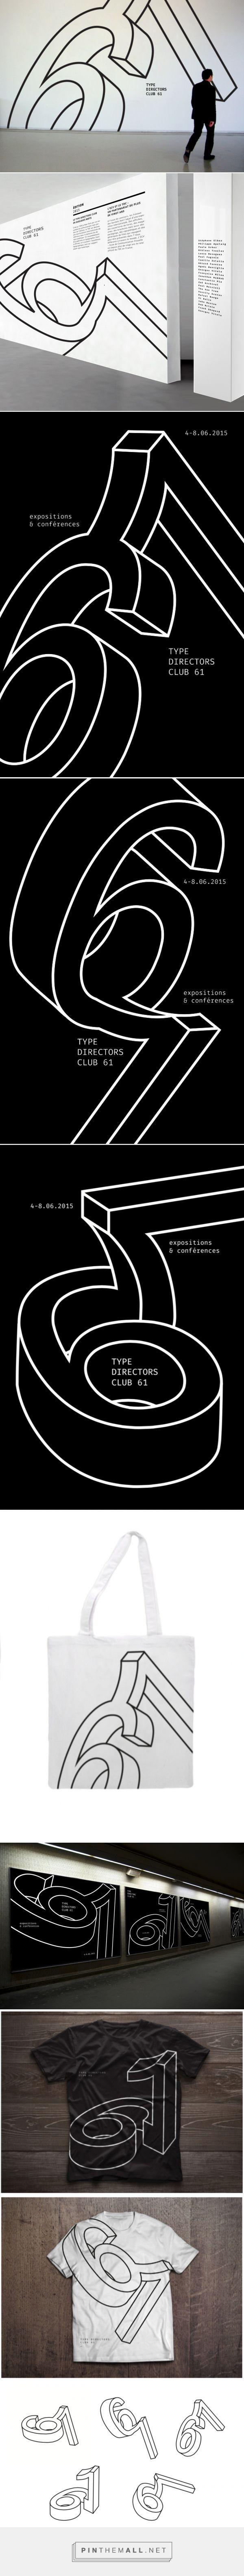 Quelle identité visuelle pour le Type Director Club 2015 ?